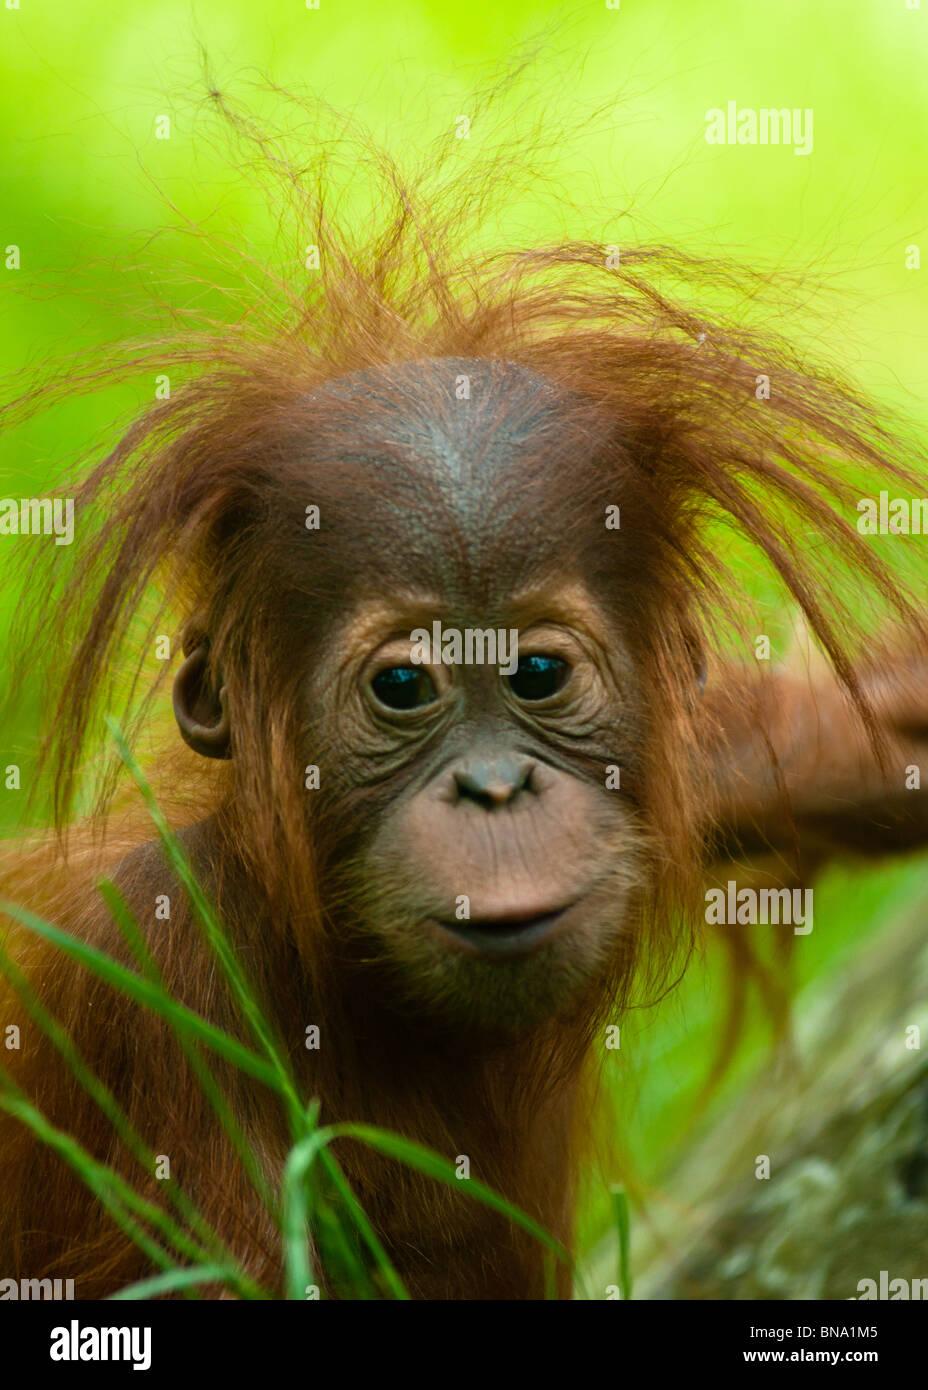 Bébé orang-outan (Pongo pygmaeus) de près. Banque D'Images